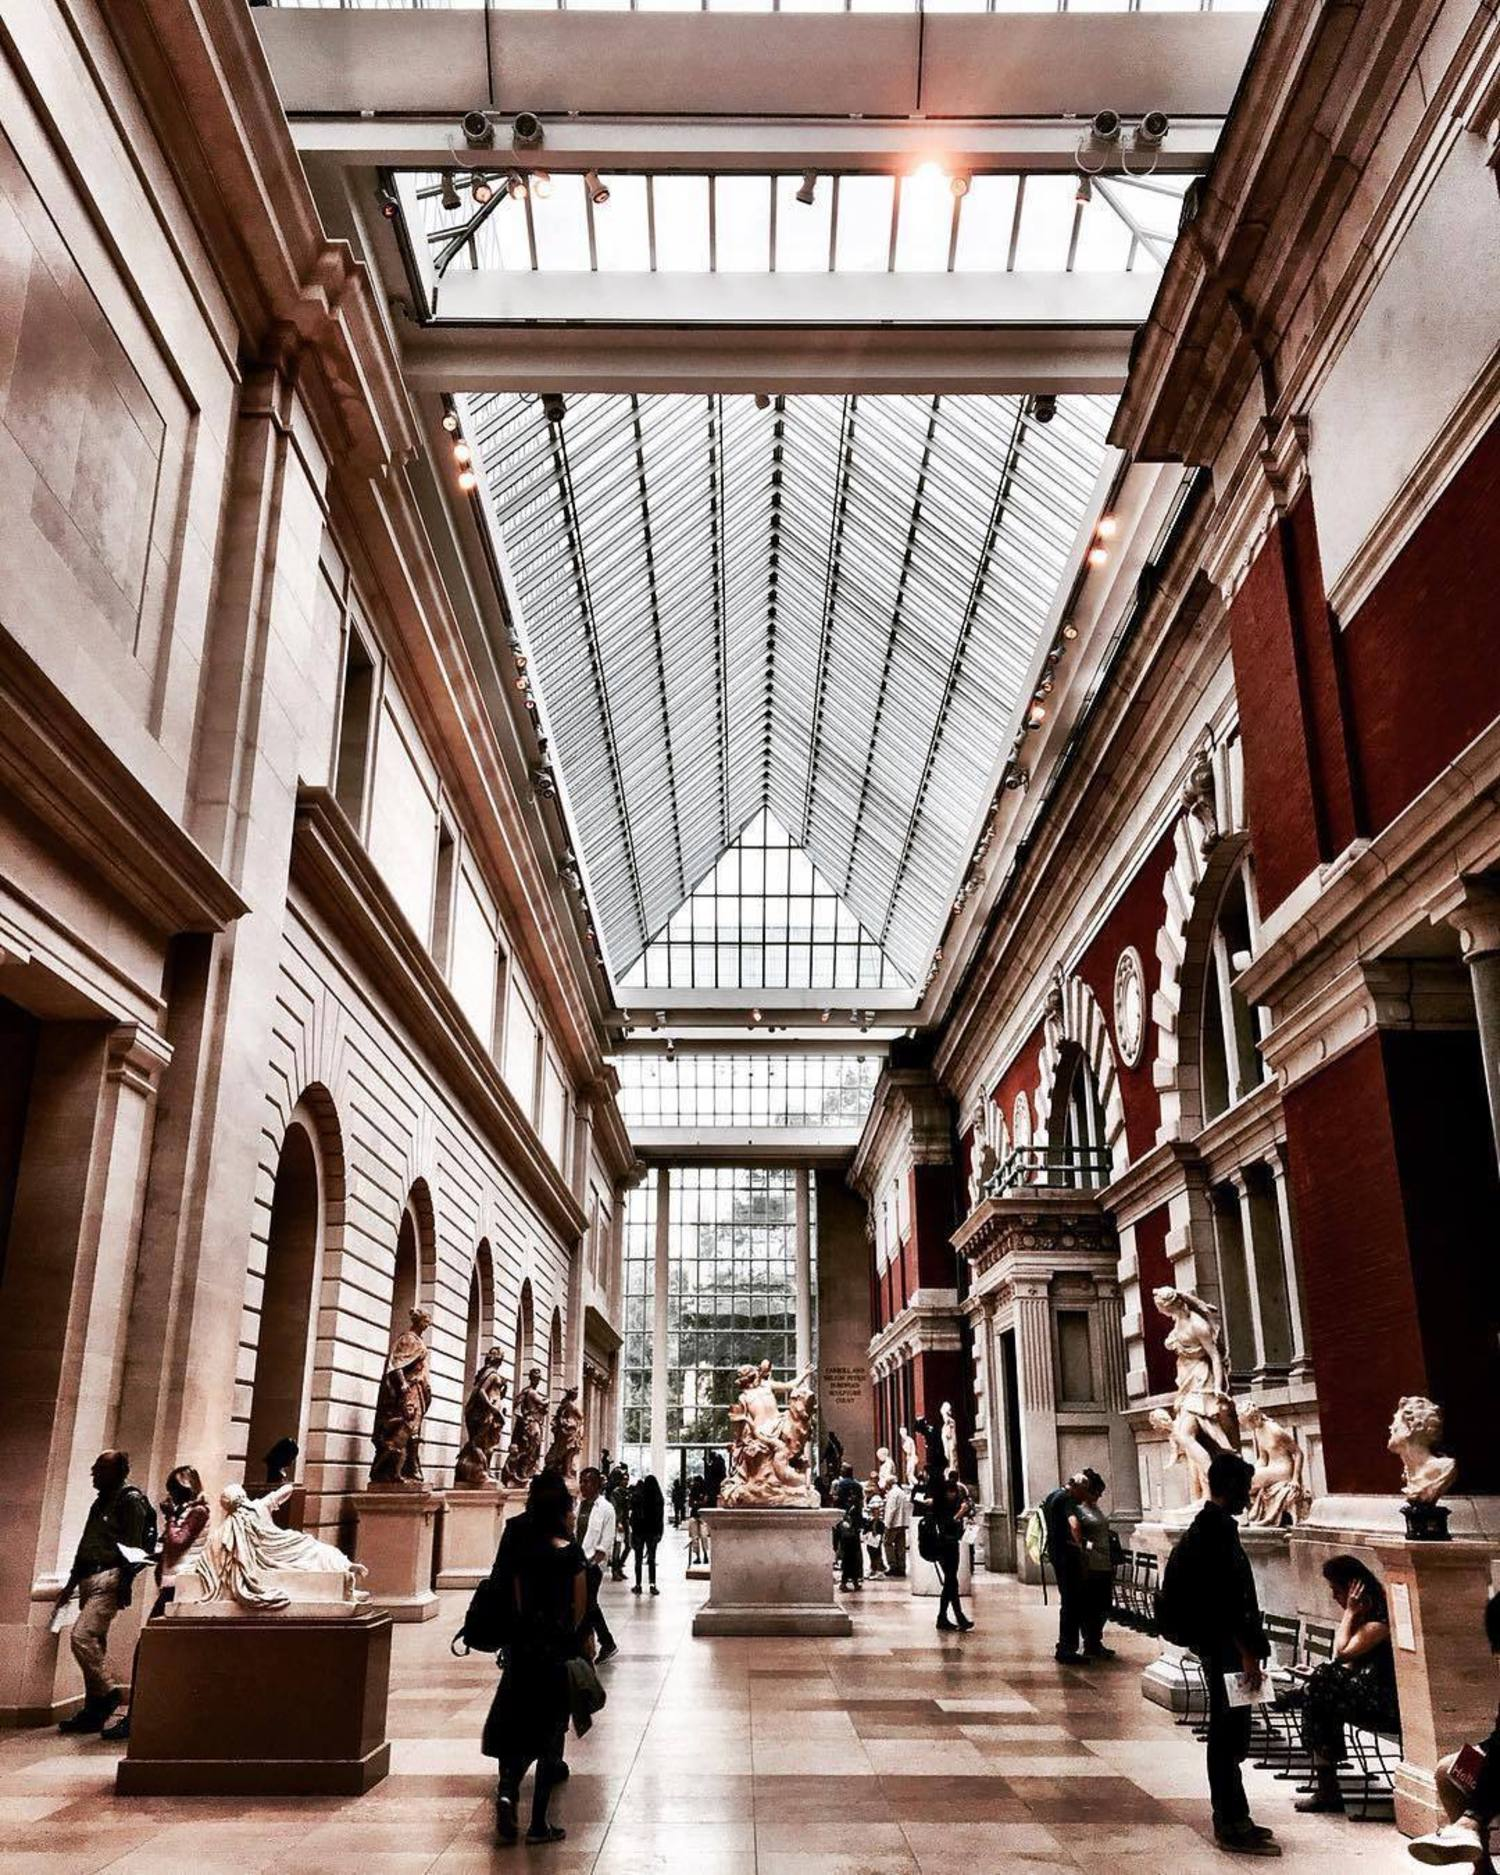 Metropolitan Museum of Art, New York. Photo via @newyork.kakana #viewingnyc #nyc #newyork #newyorkcity #themet #metropolitanmuseumofart